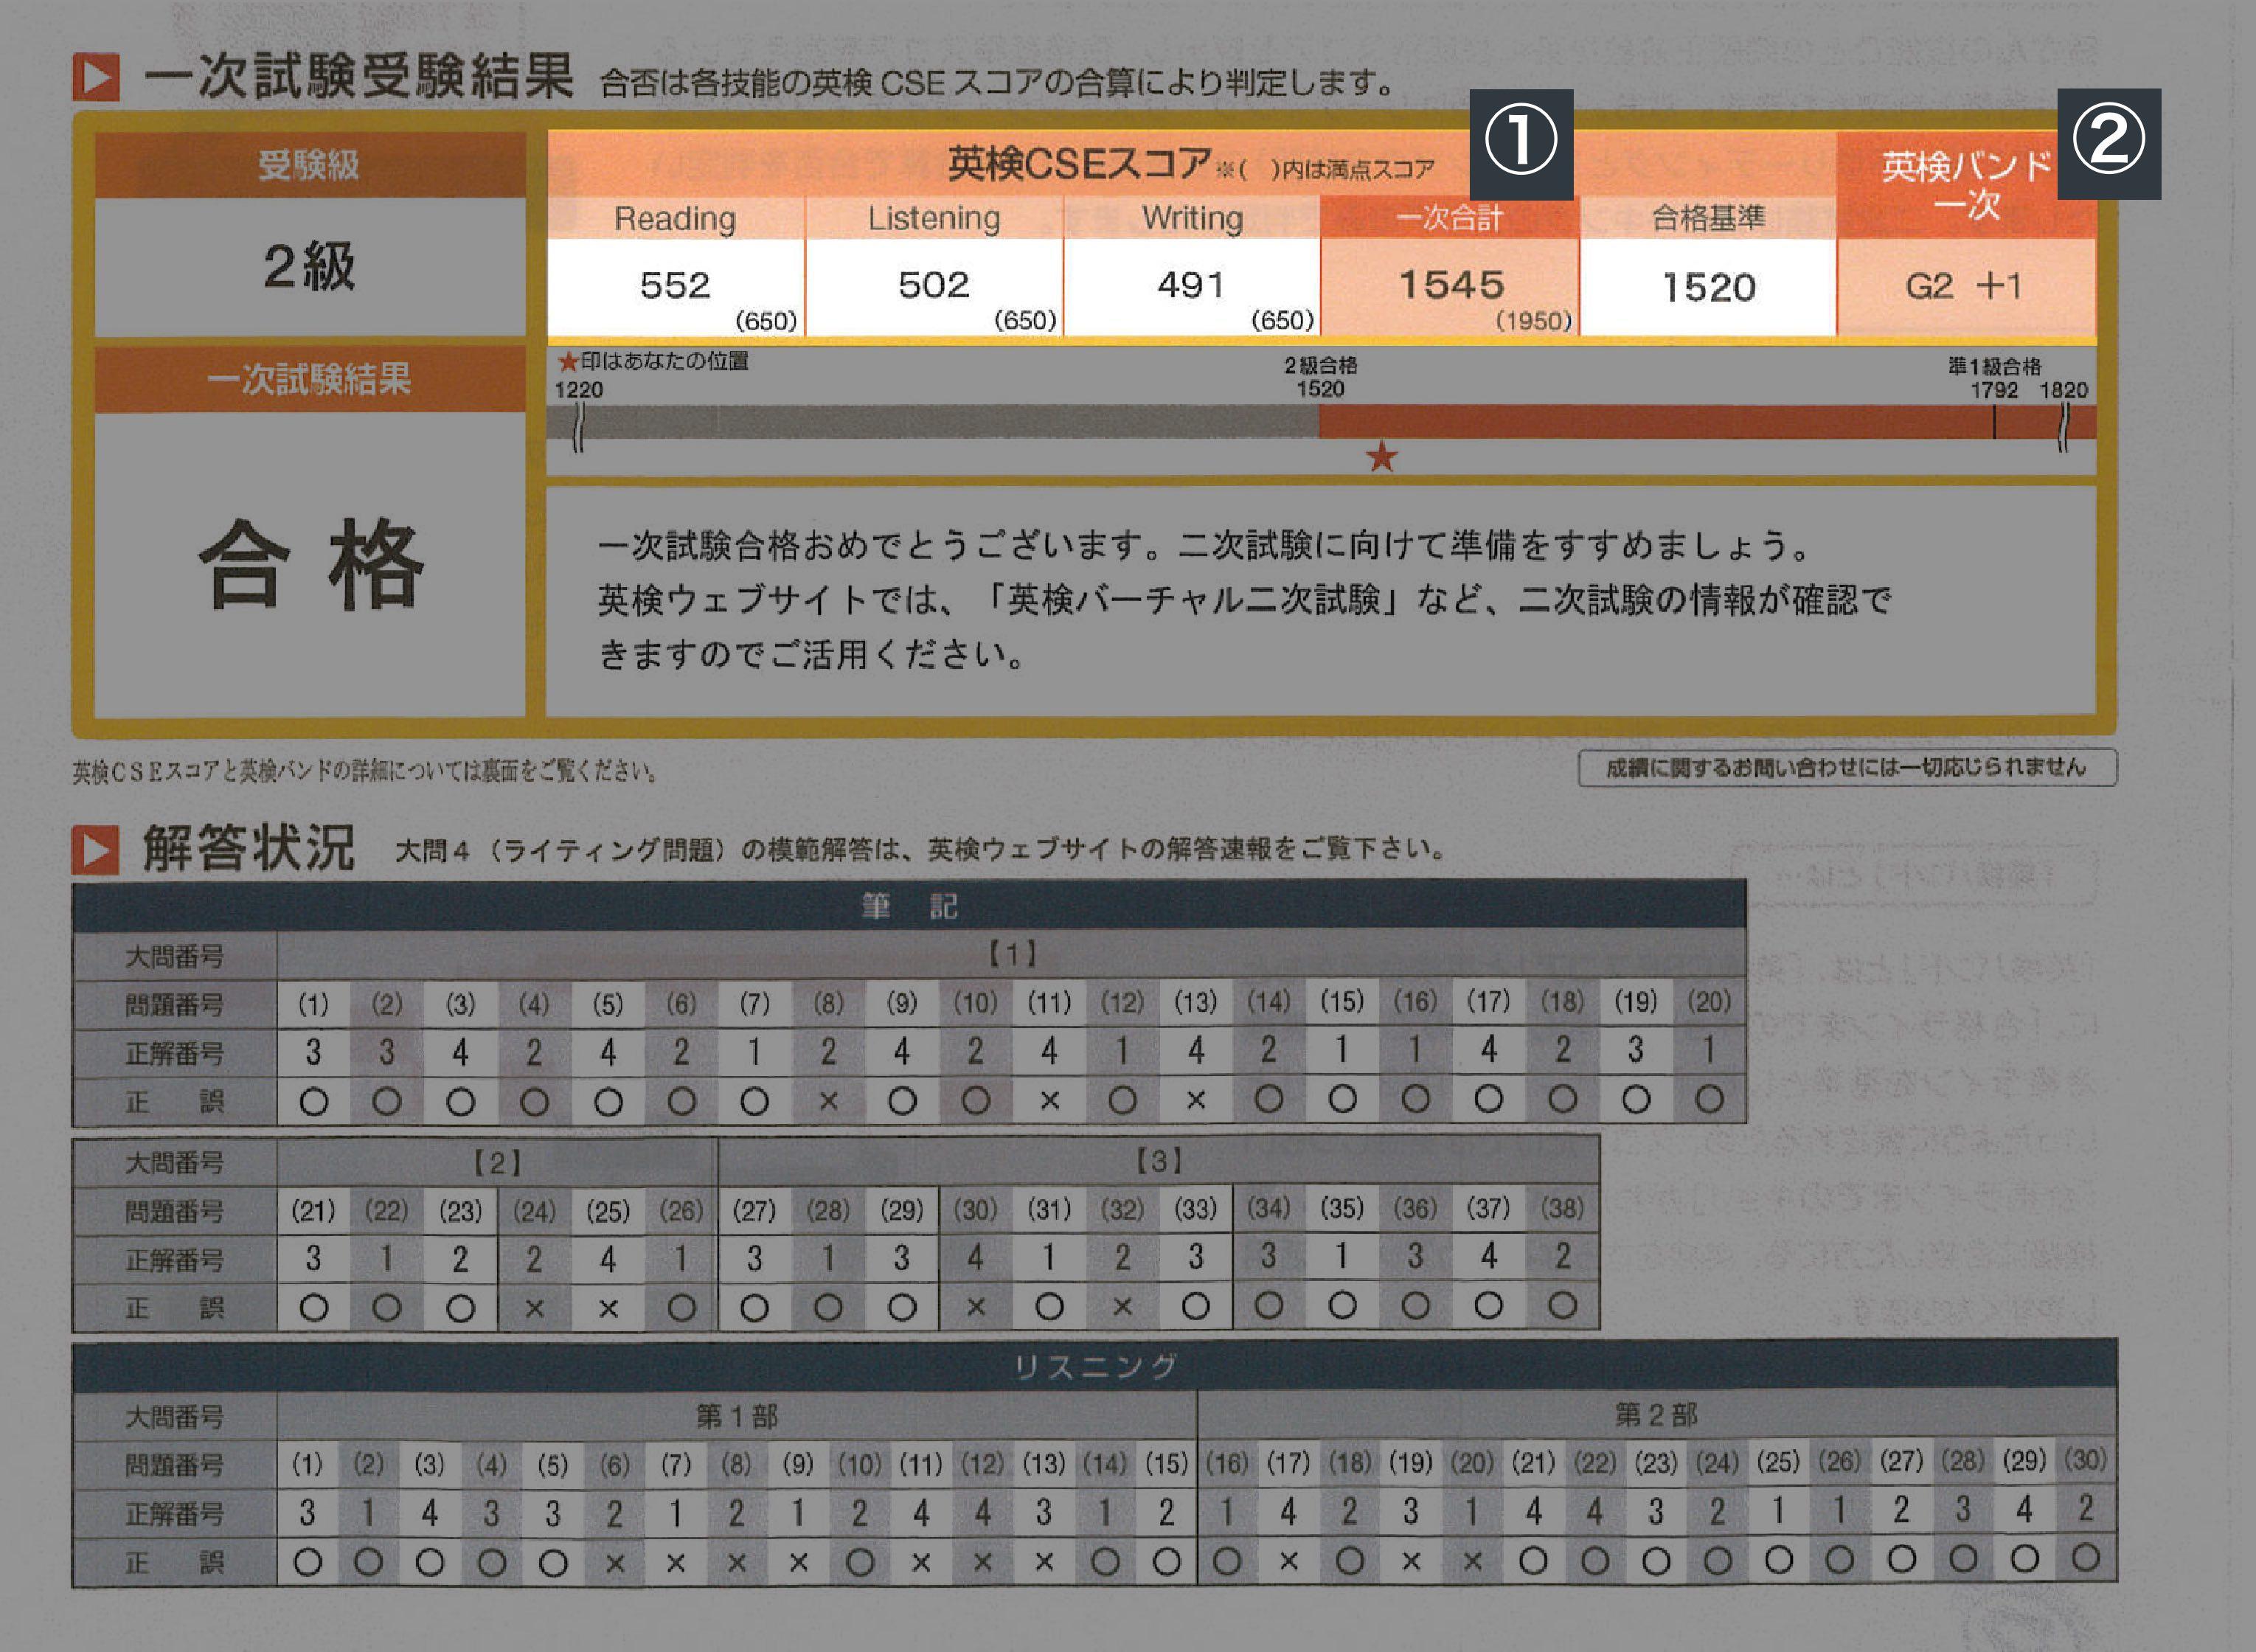 英検受験票-01-01のコピー